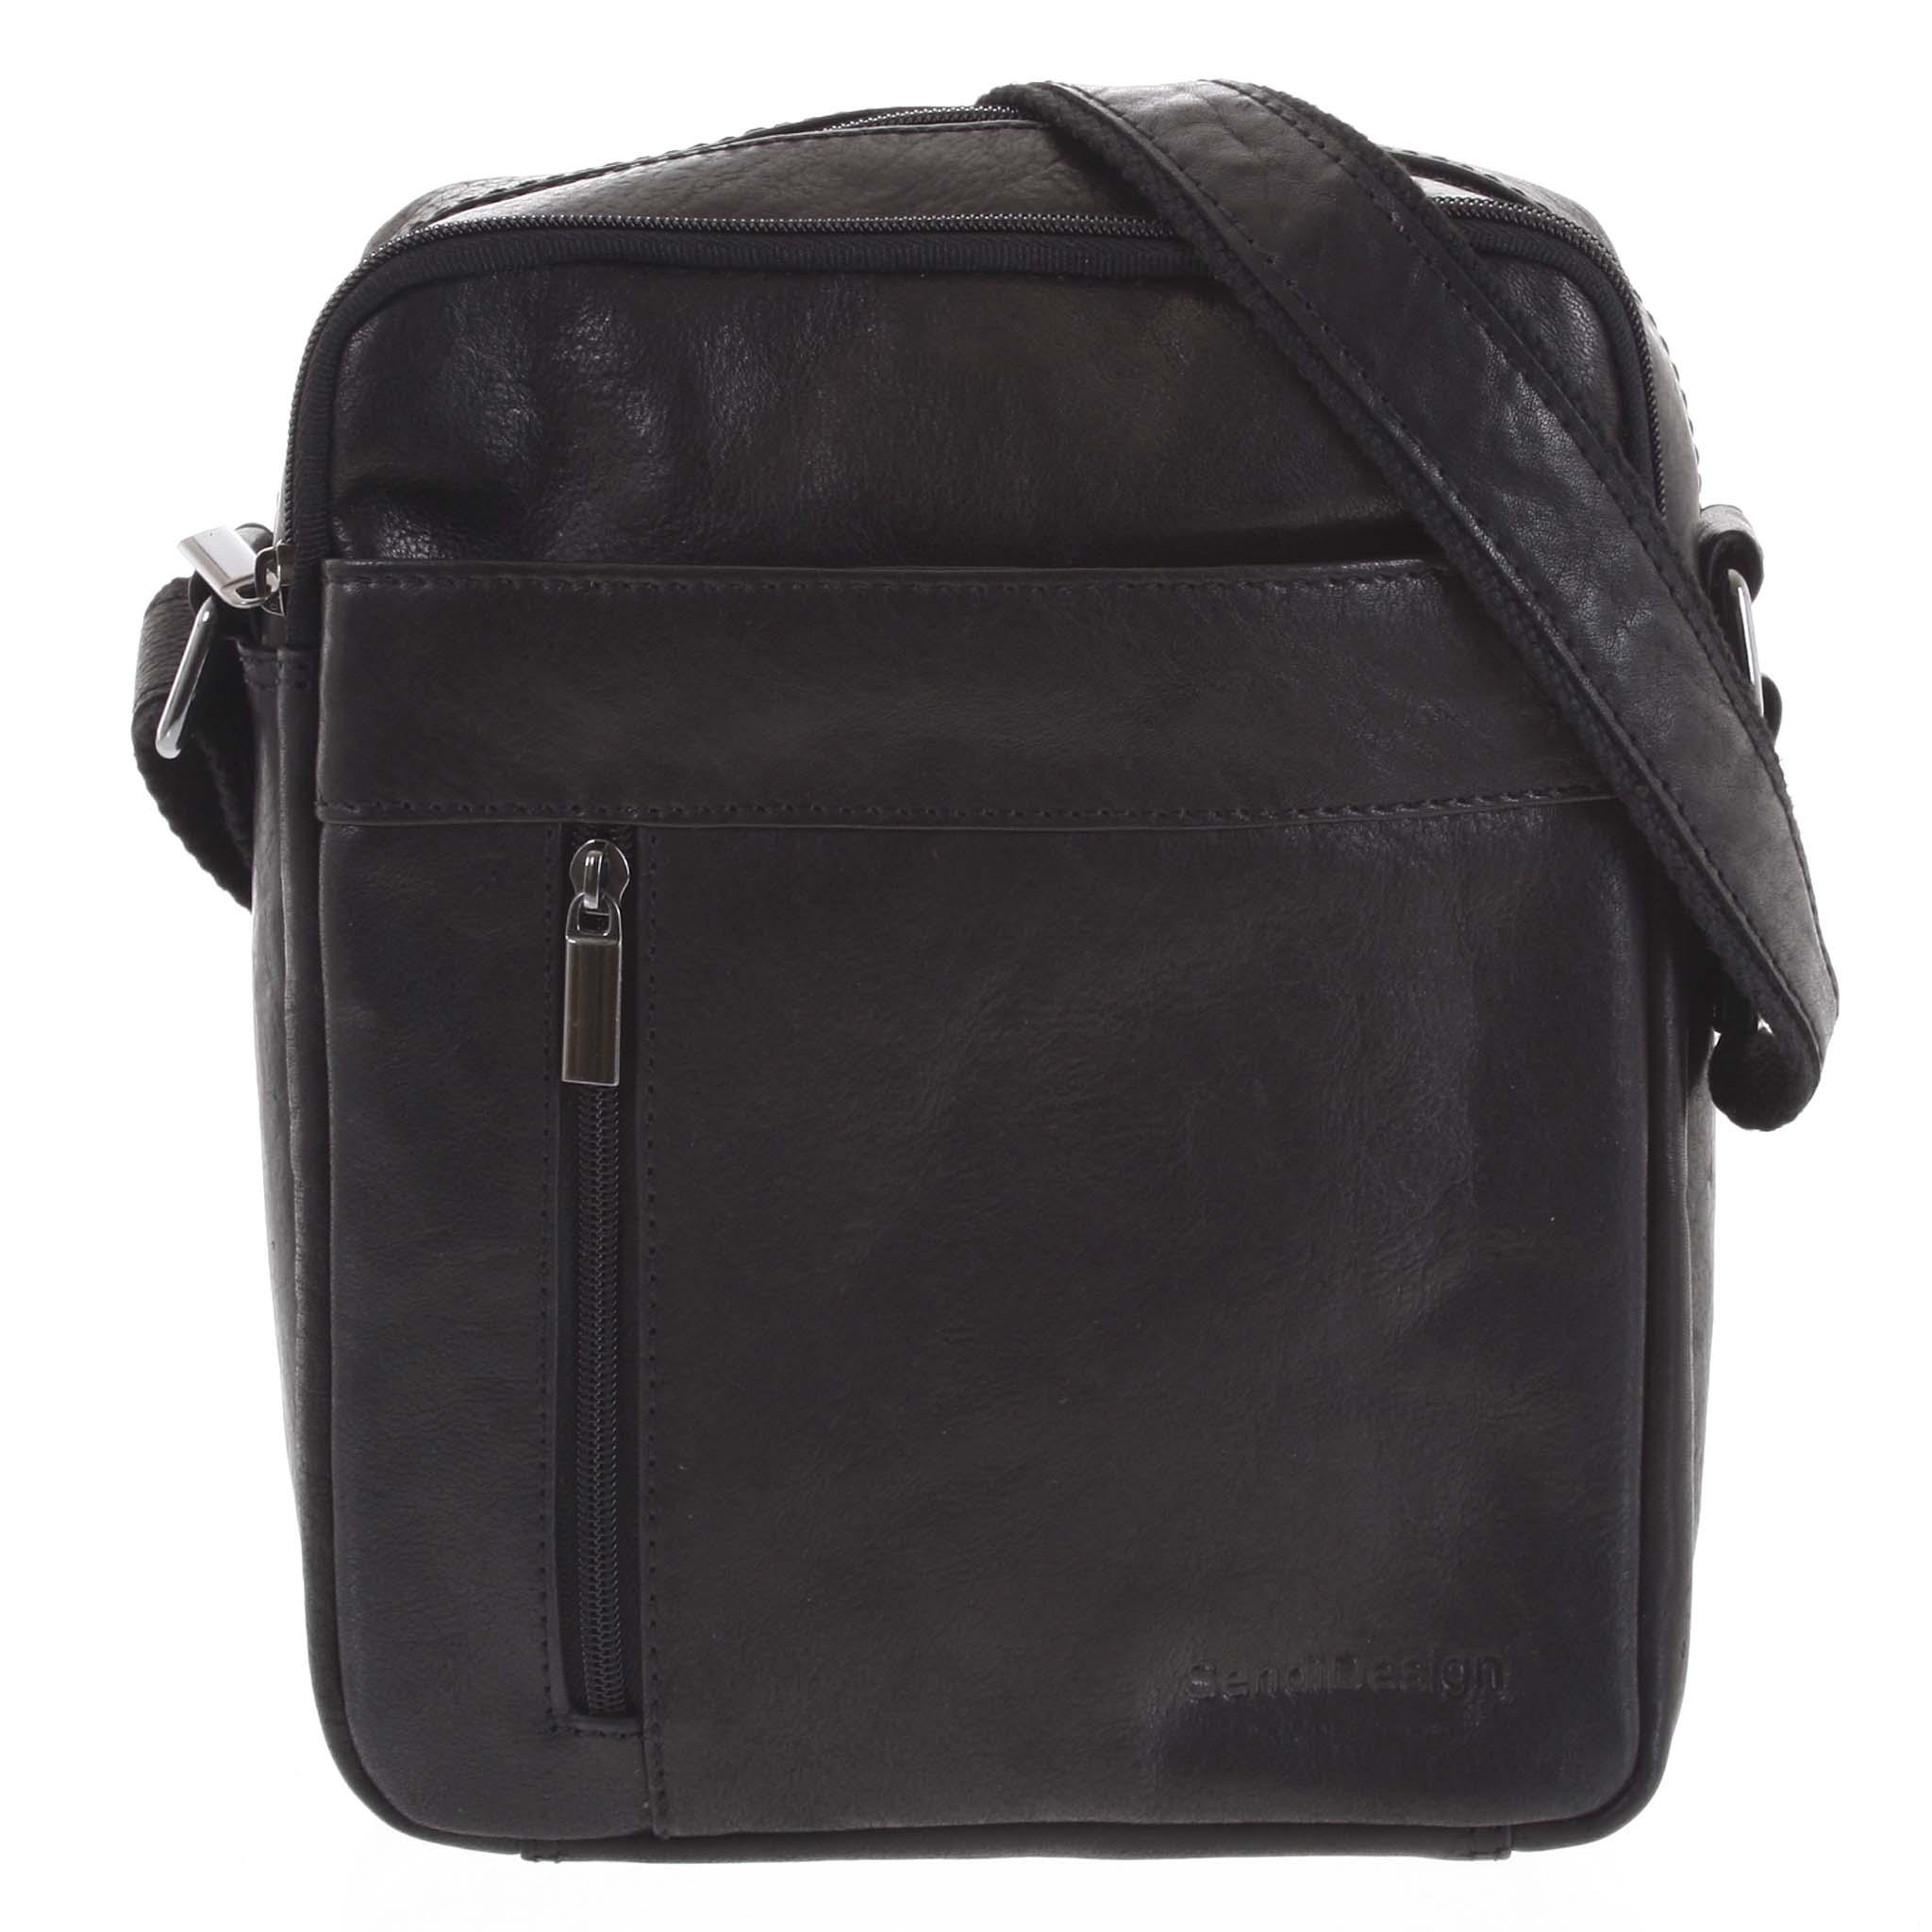 Pánská kožená taška přes rameno černá - SendiDesign Lennon